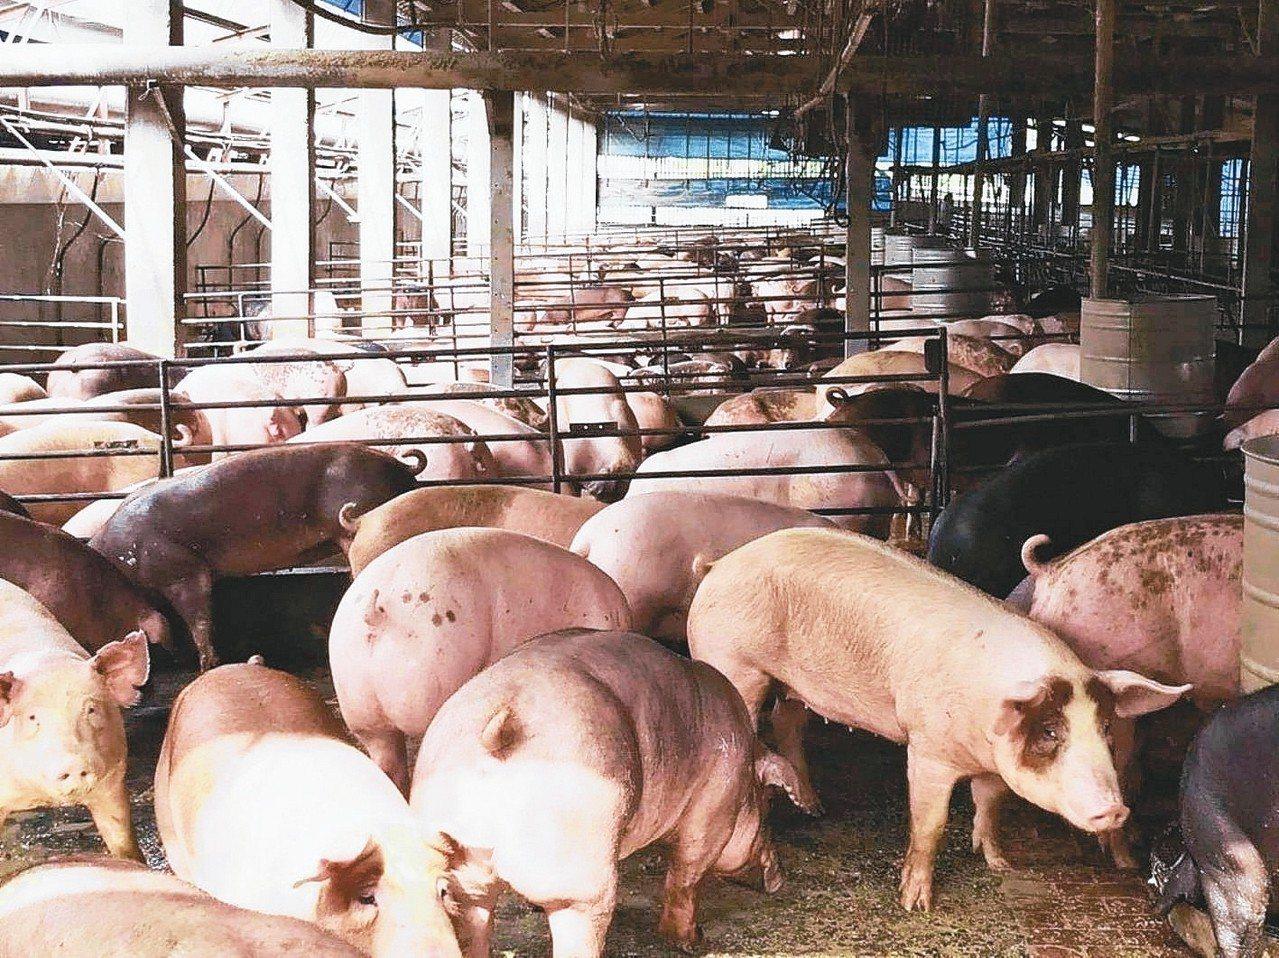 毛豬總飼養場數首度跌破7000場,主因是小場大量退場所致。 圖/聯合報系資料照片